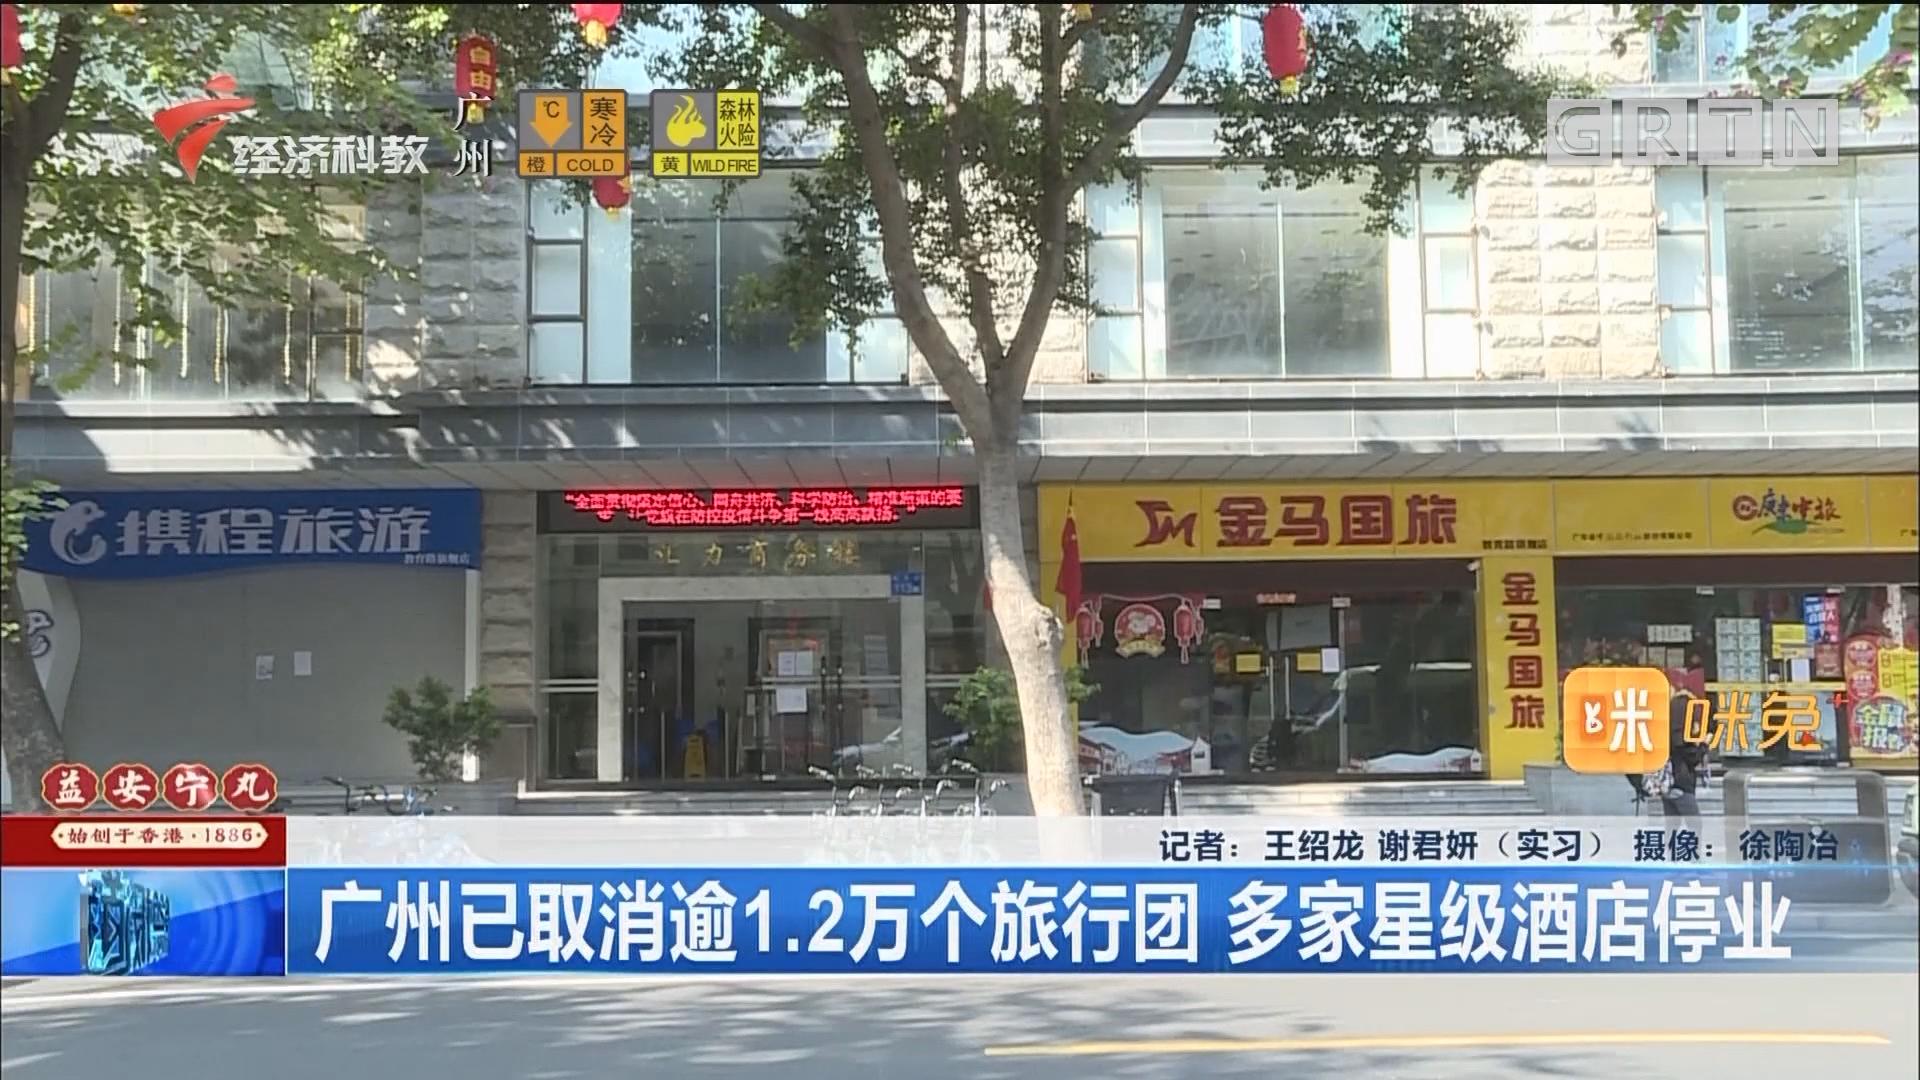 广州已取消逾1.2万个旅行团 多家星级酒店停业